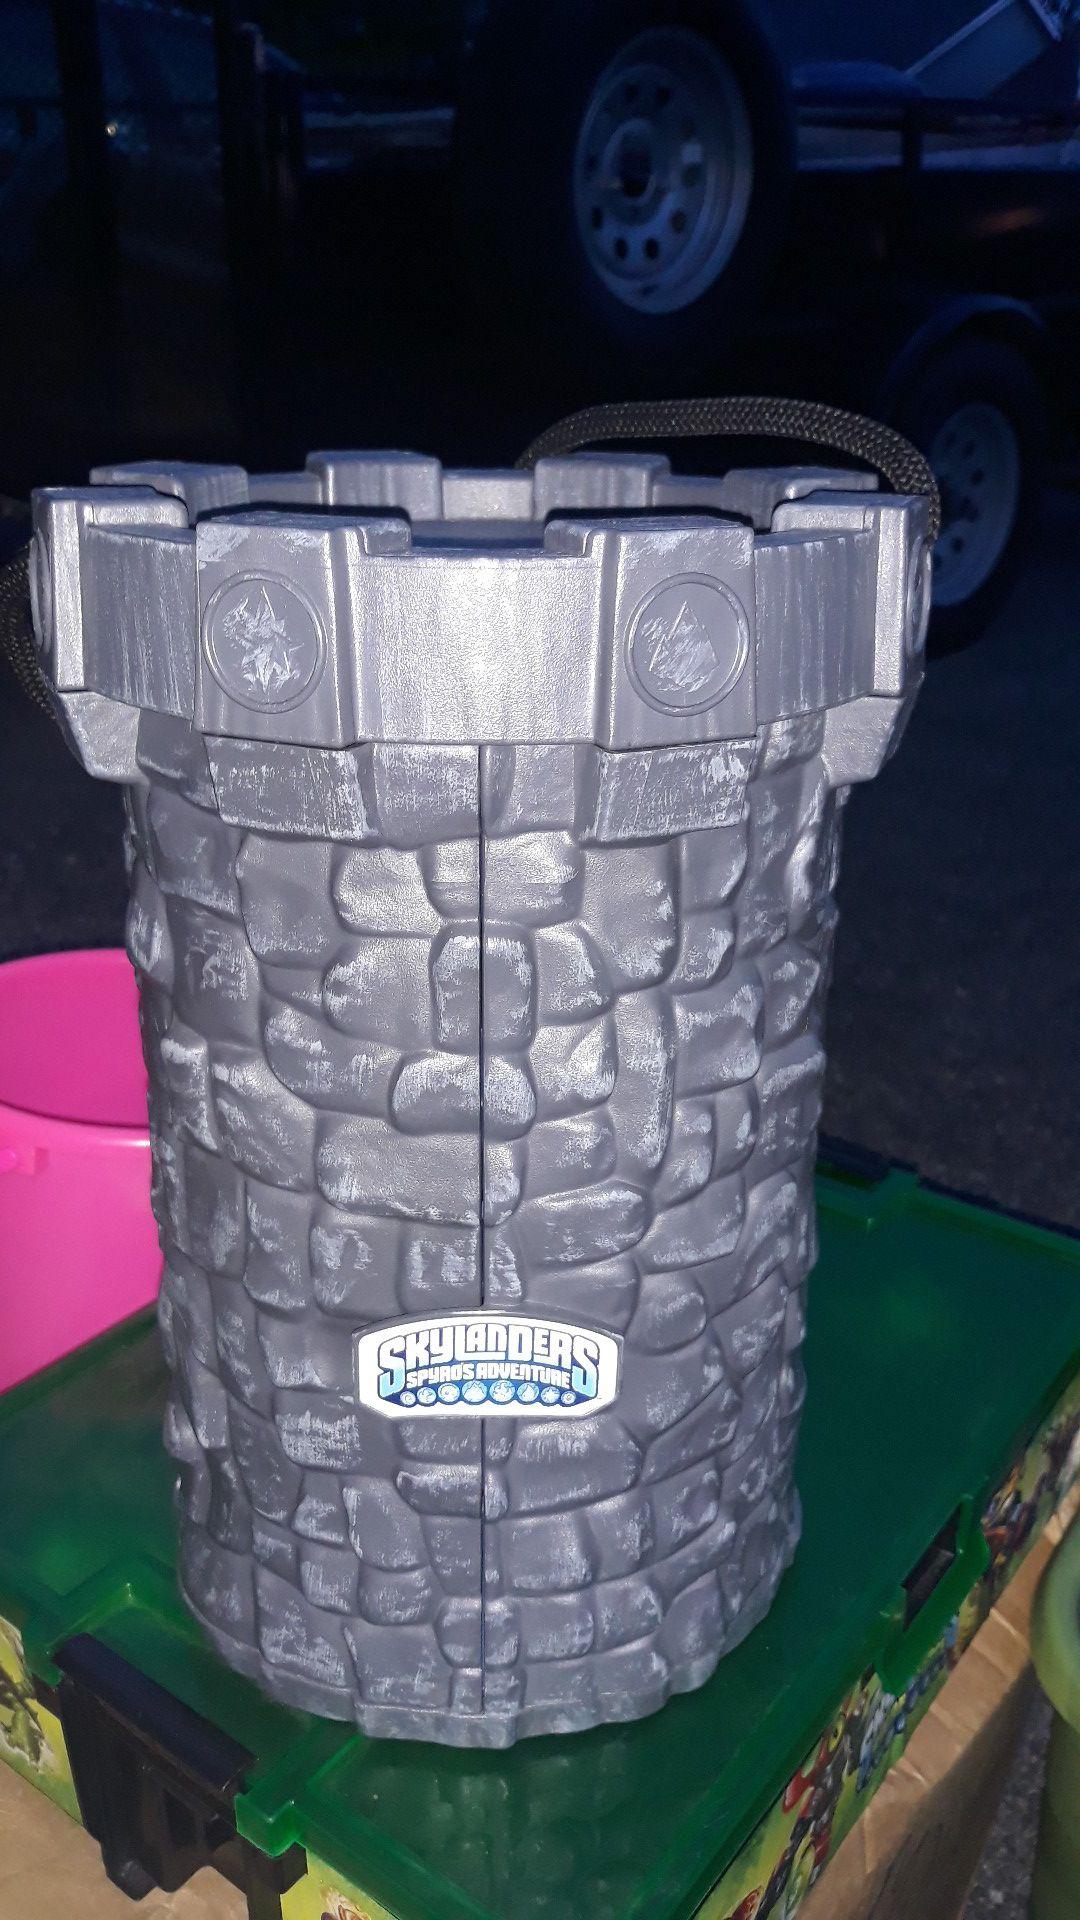 Skylanders castle plus 13 skylanders and storage $30